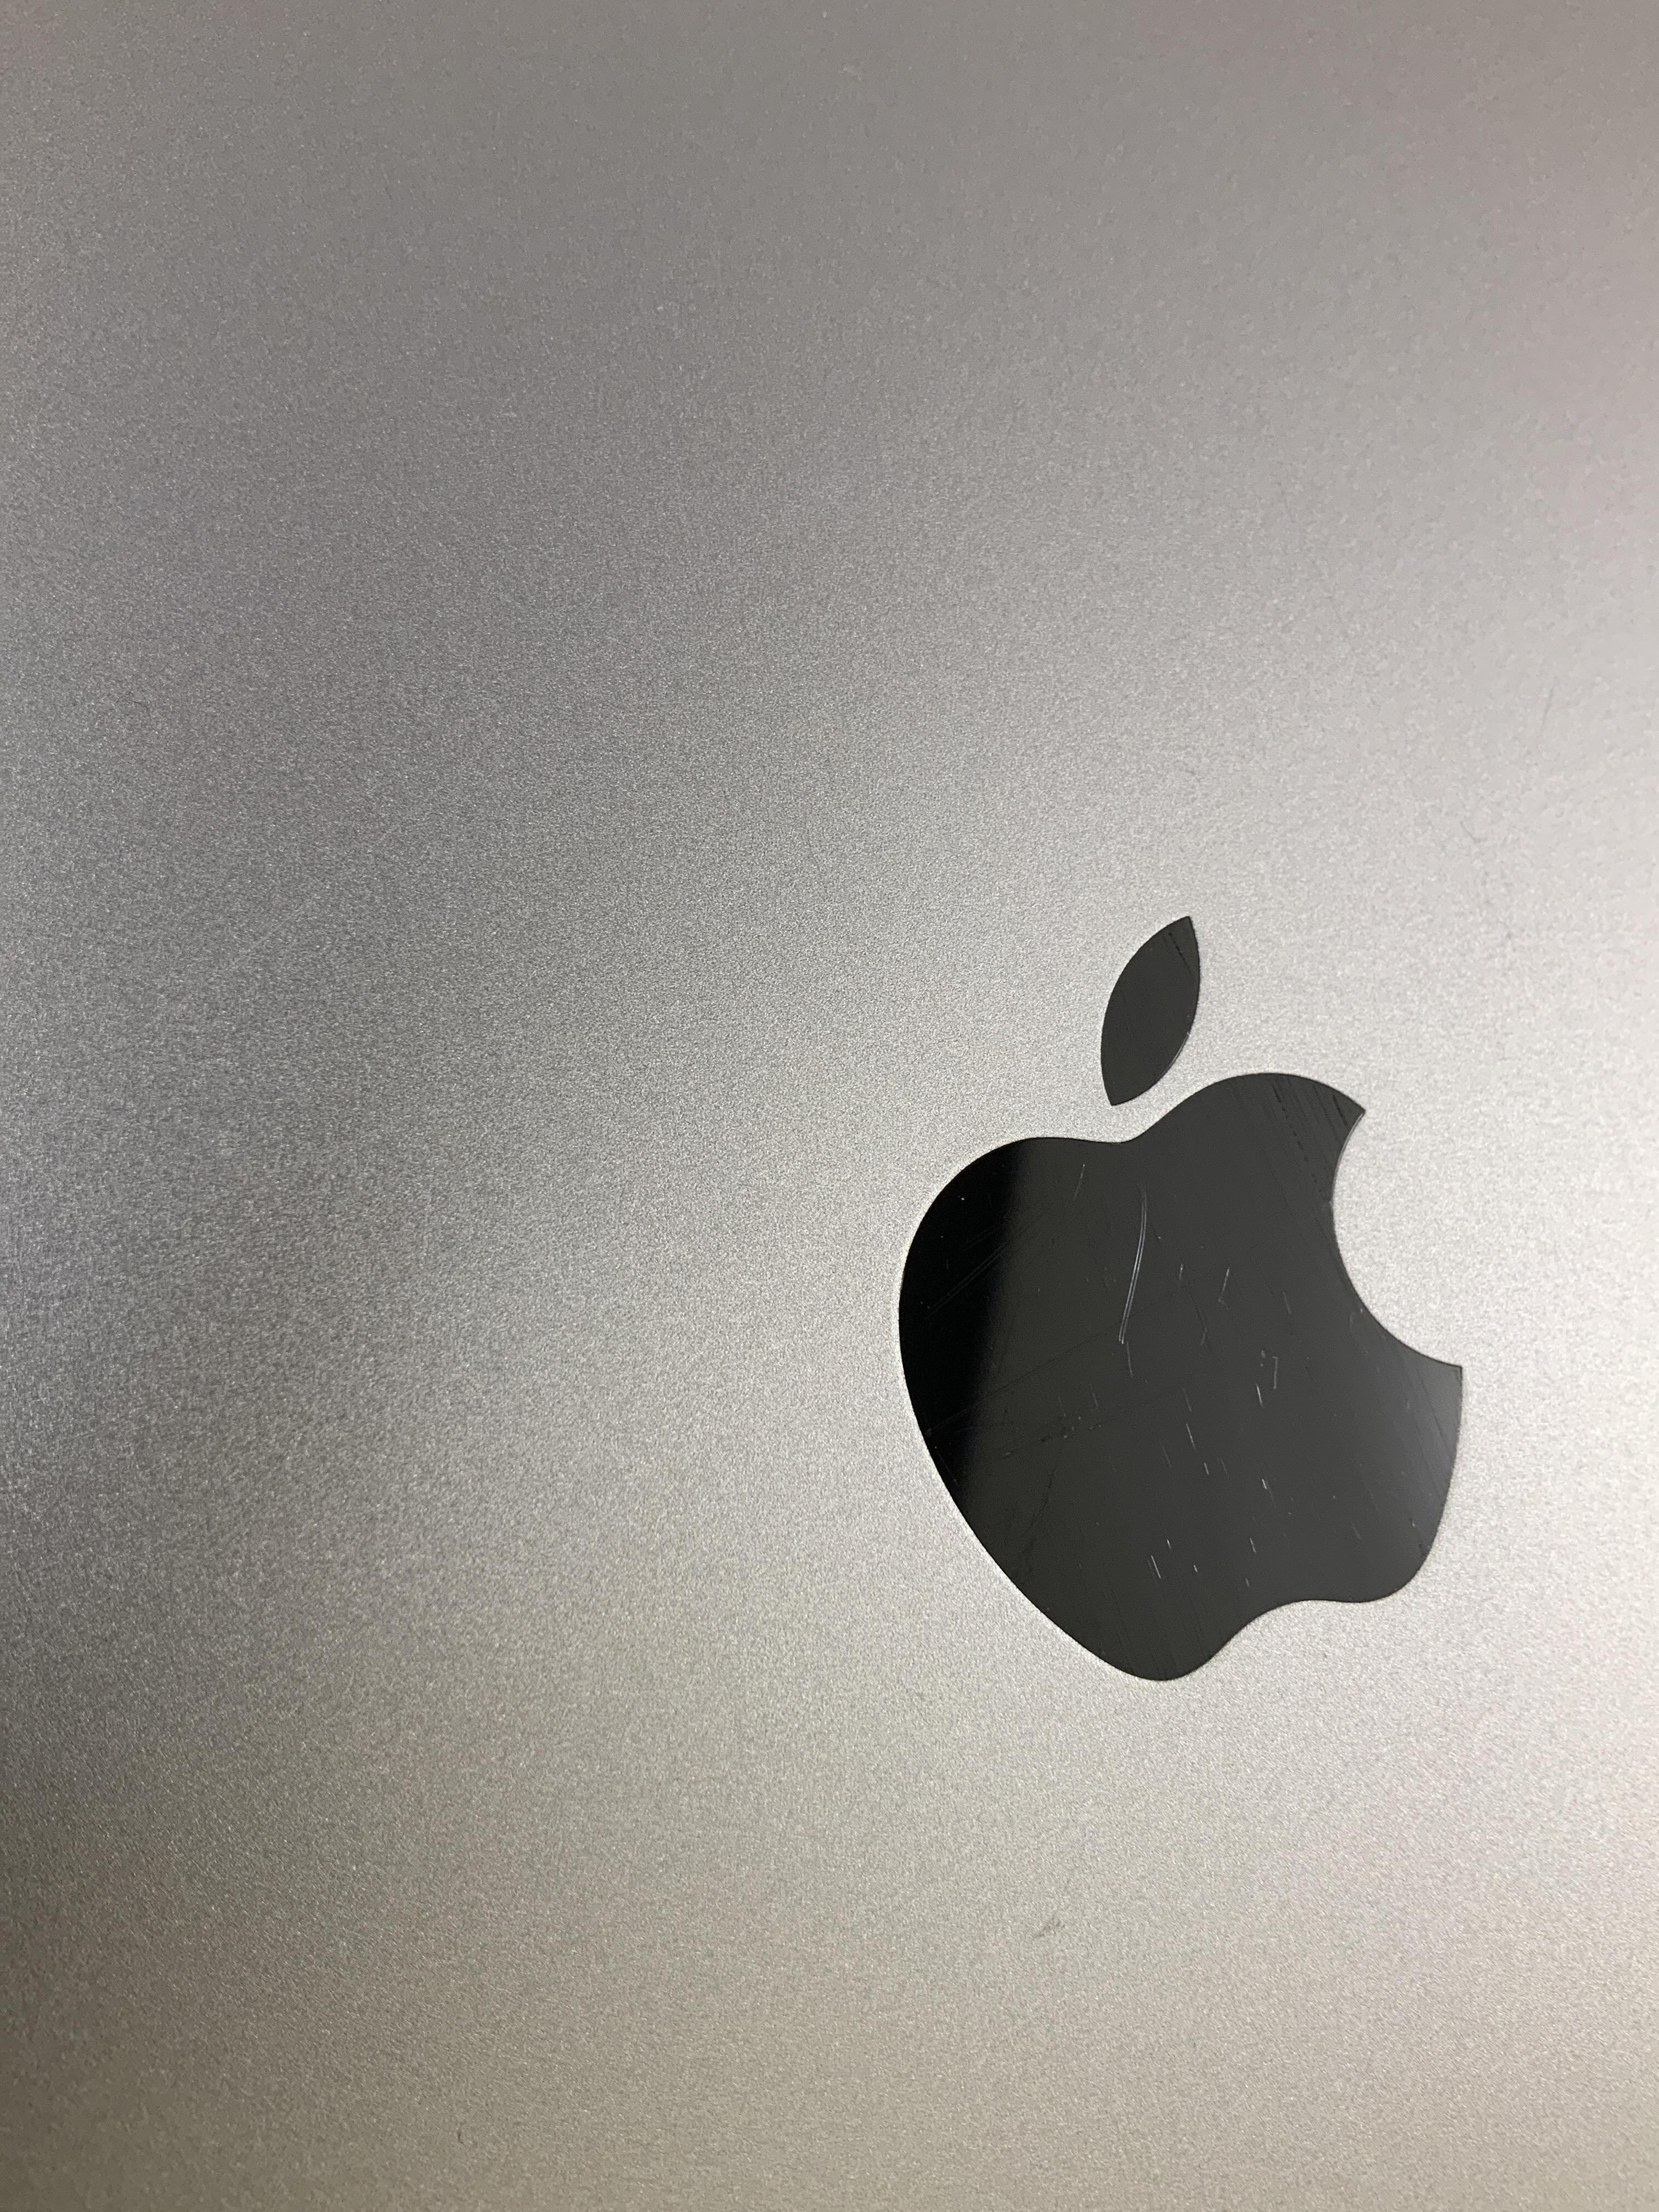 iPad mini 4 Wi-Fi 128GB, 128GB, Space Gray, bild 4